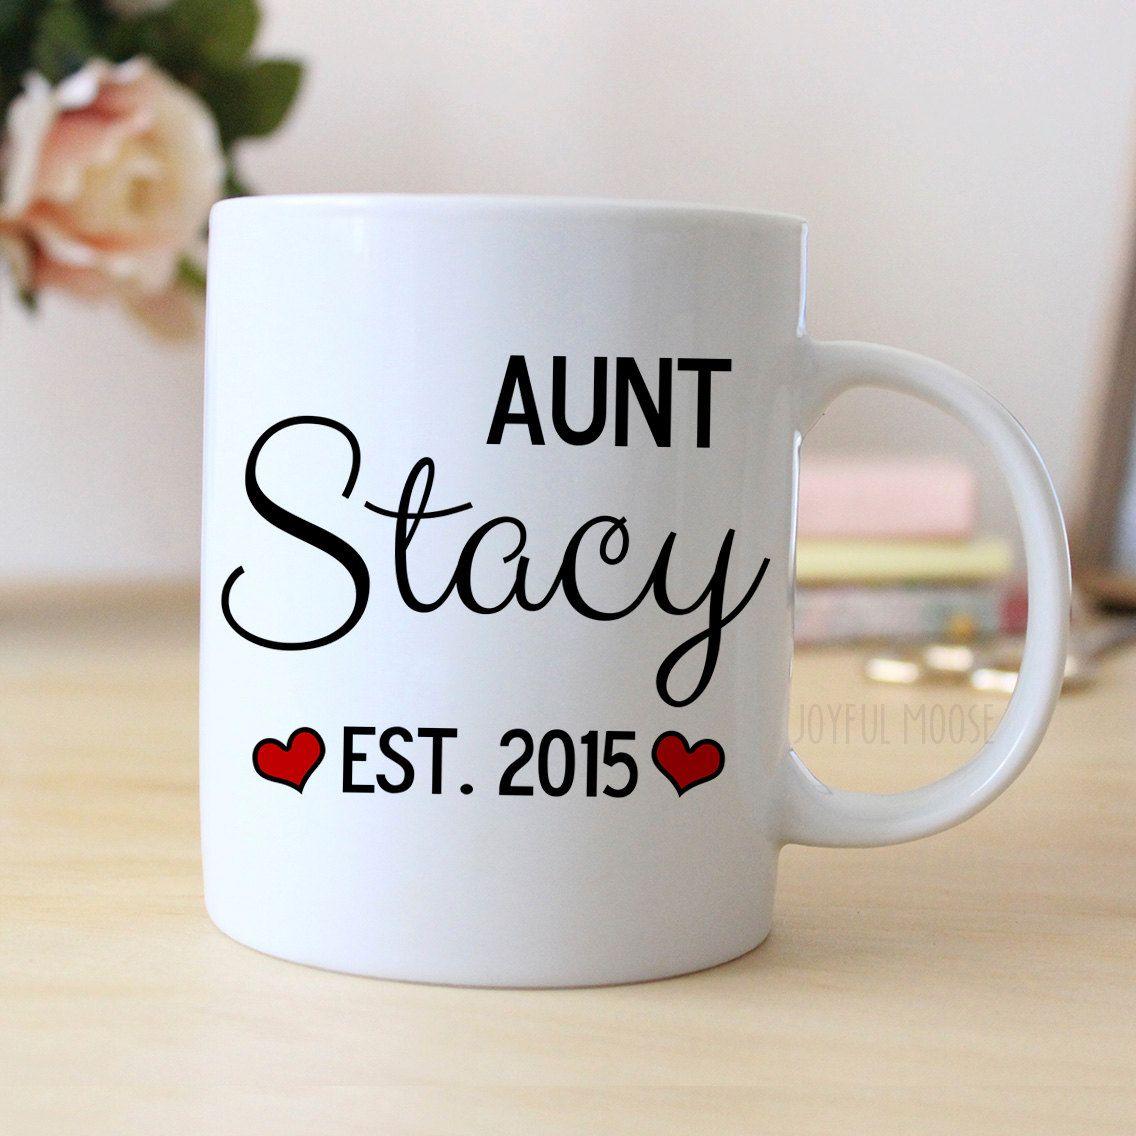 New to JoyfulMoose on Etsy Aunt Personalized Mug